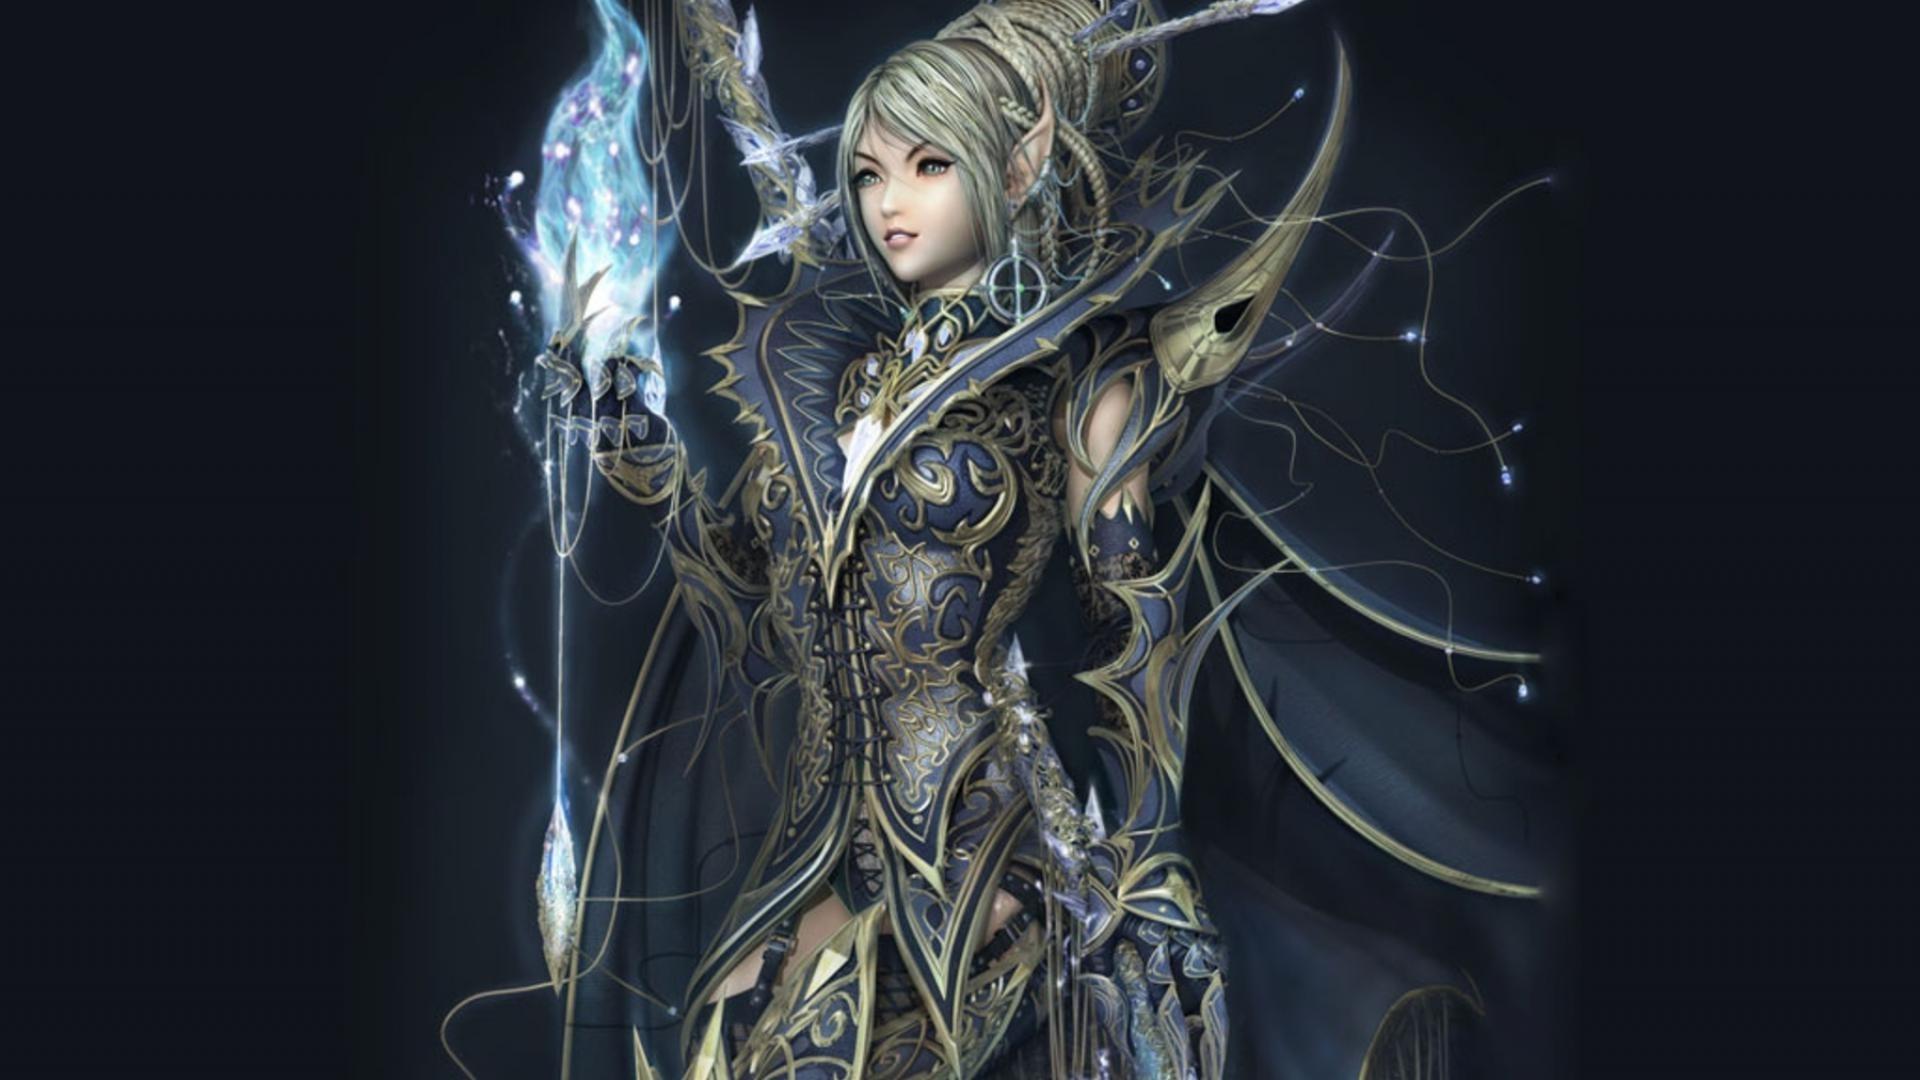 female warrior elf 1 female warrior elf 2 female warrior elf 3 female 1920x1080